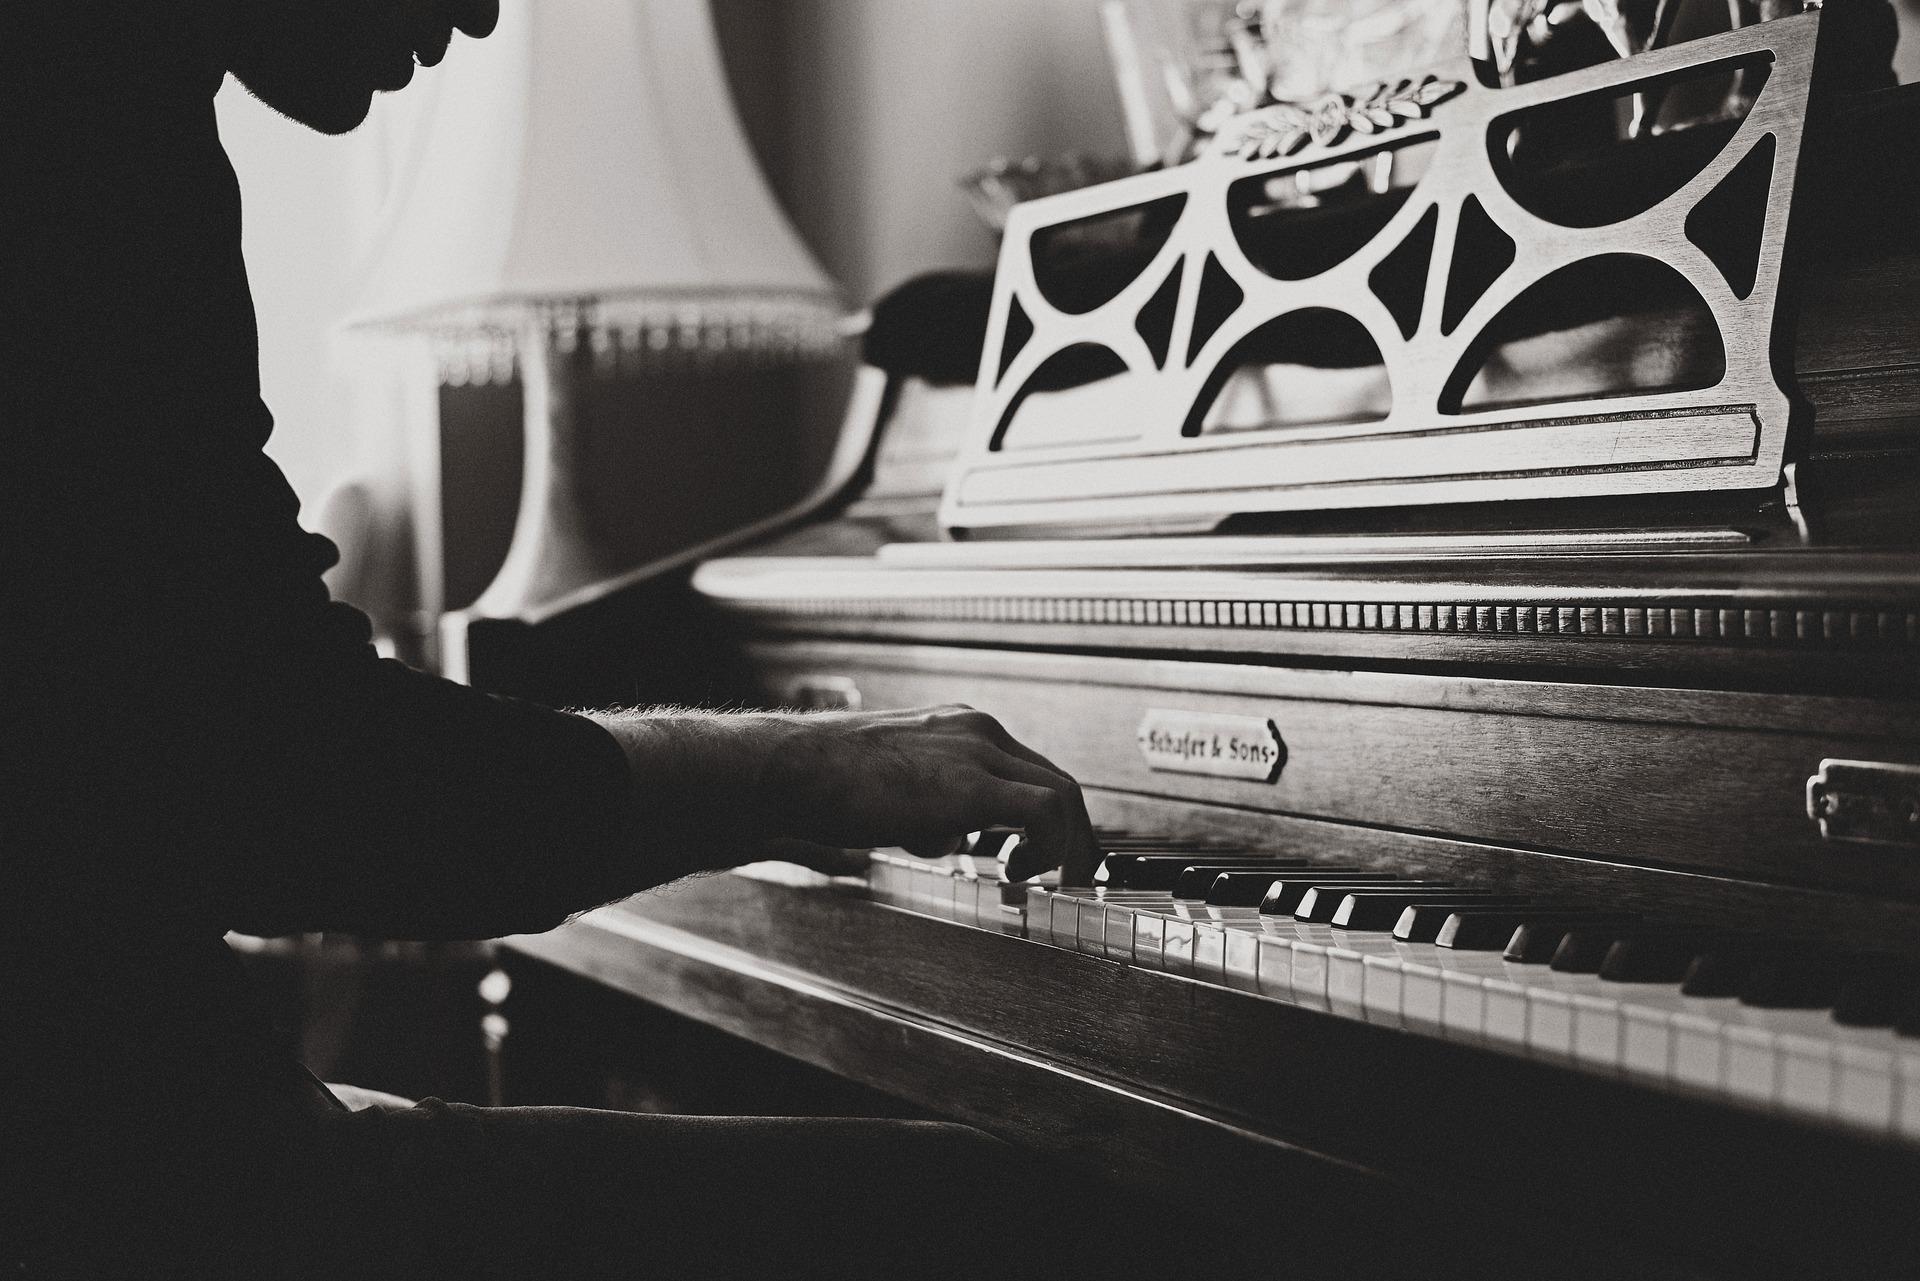 ピアノを弾いている男性